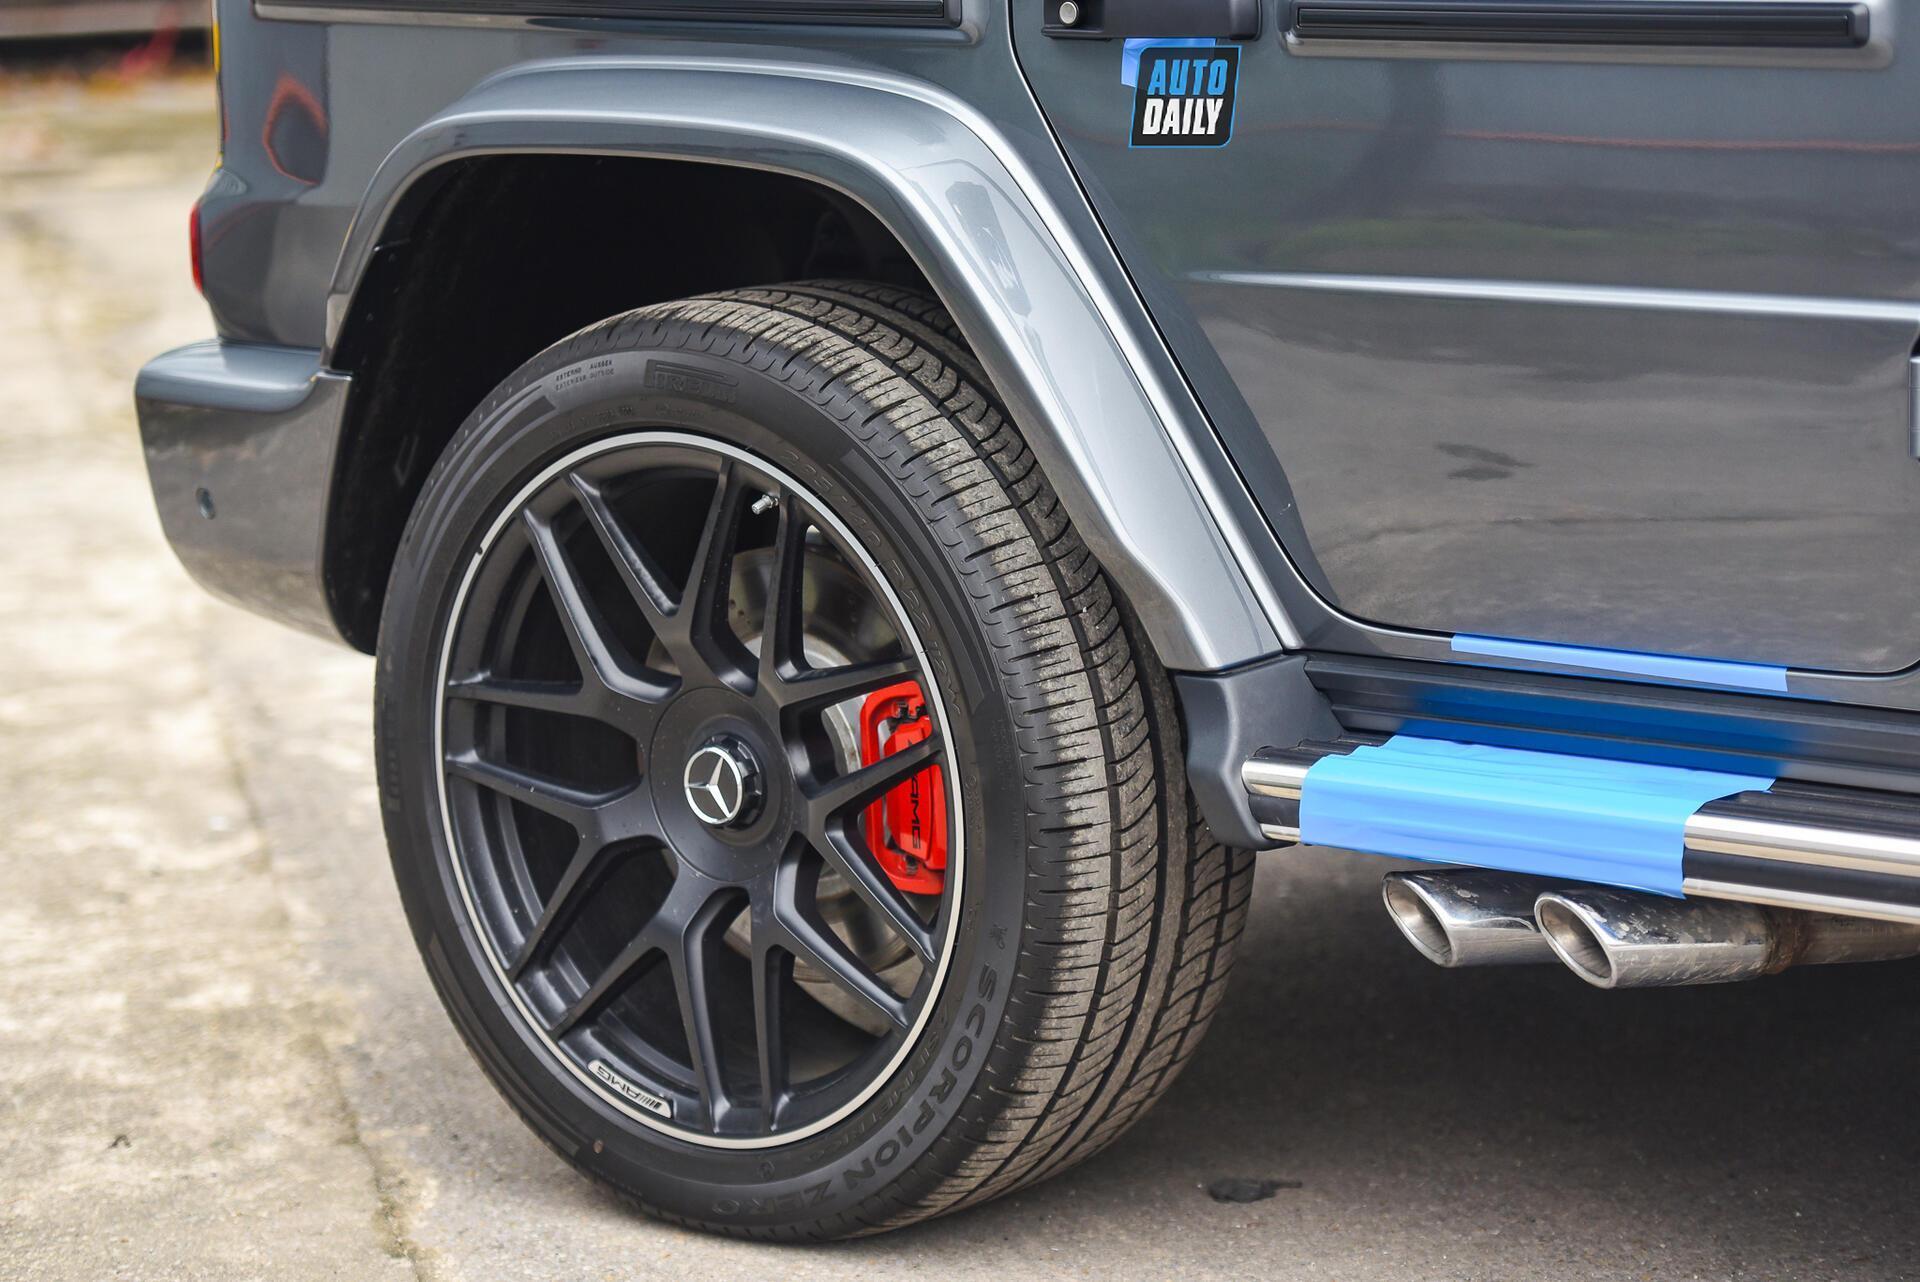 Ảnh chi tiết Mercedes G63 AMG 2021 bản cá nhân hoá giá khoảng 12 tỷ [9]